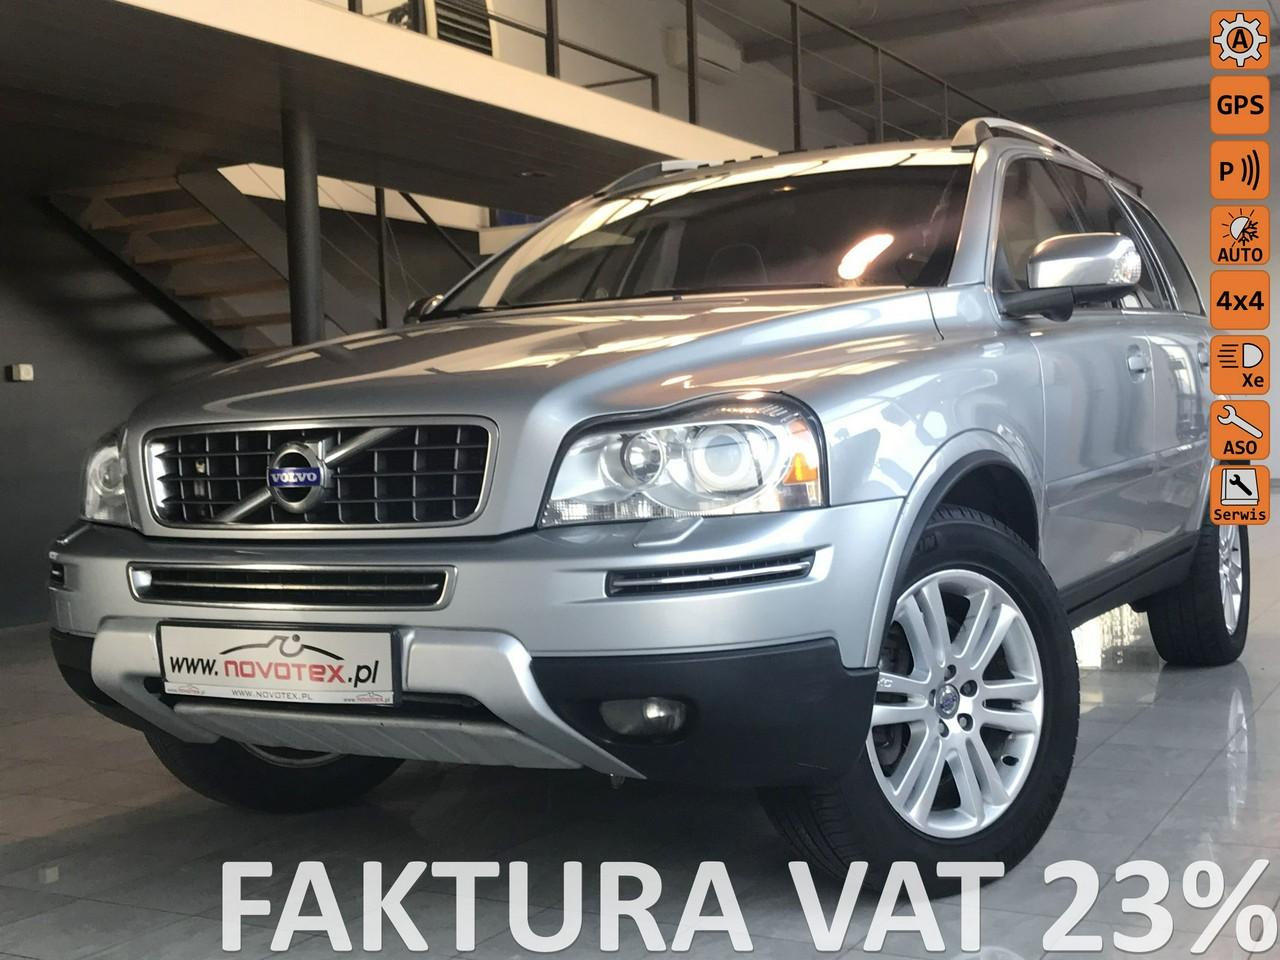 Volvo XC 90 D5*AWD*Executive*automat*xenon*7-os.*serwis ASO*gwarancja VIP Service